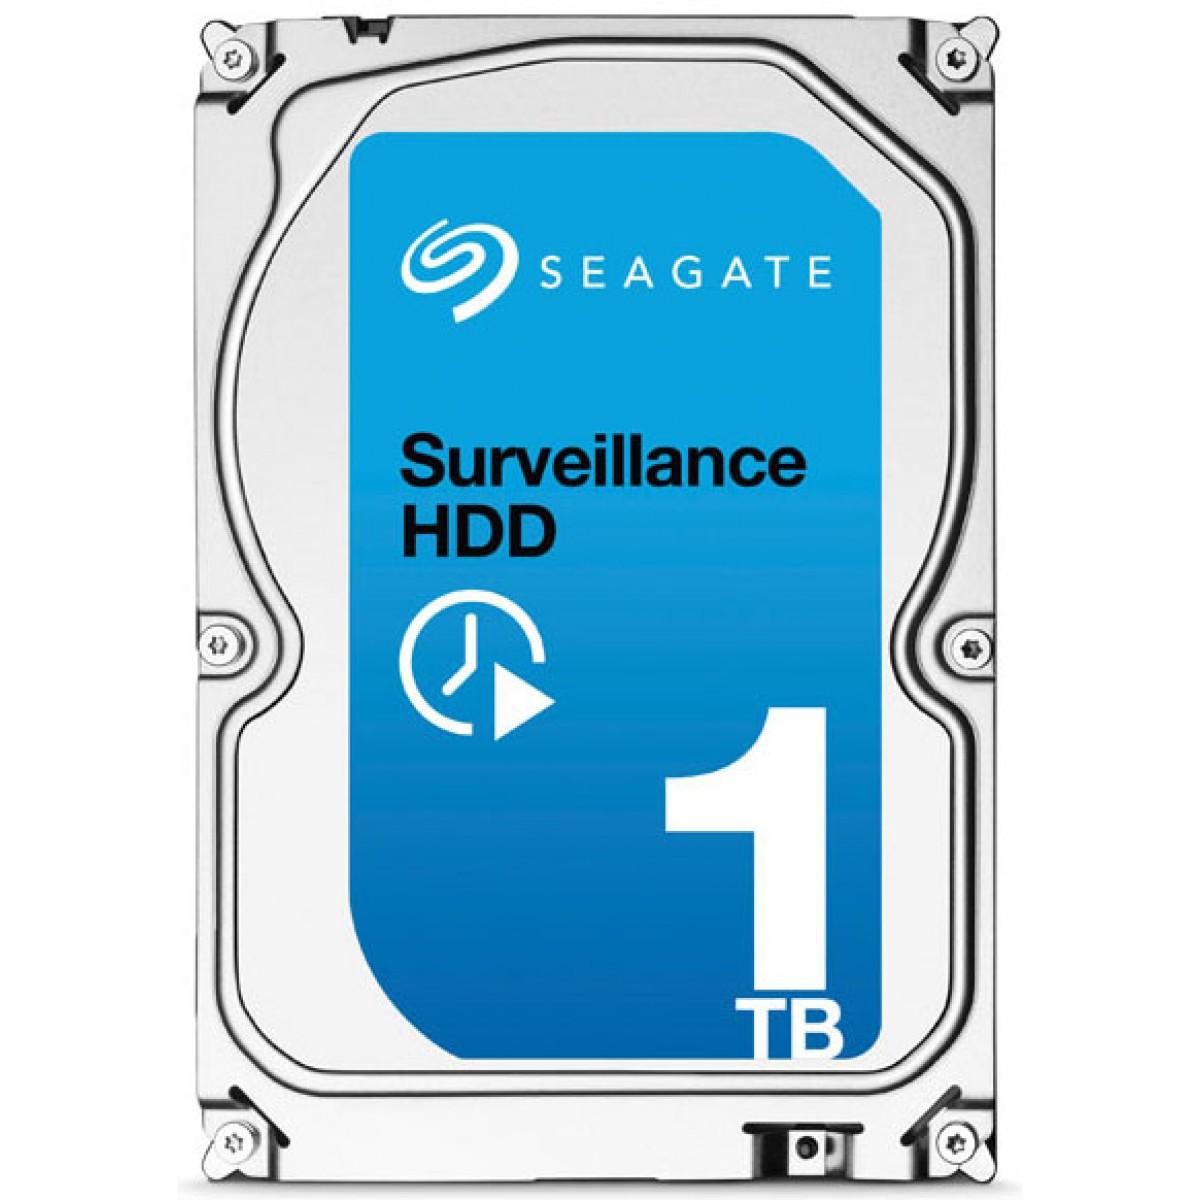 HD Seagate 1TB Surveillance HDD ST1000VX000 7200RPM 64MB SATA III